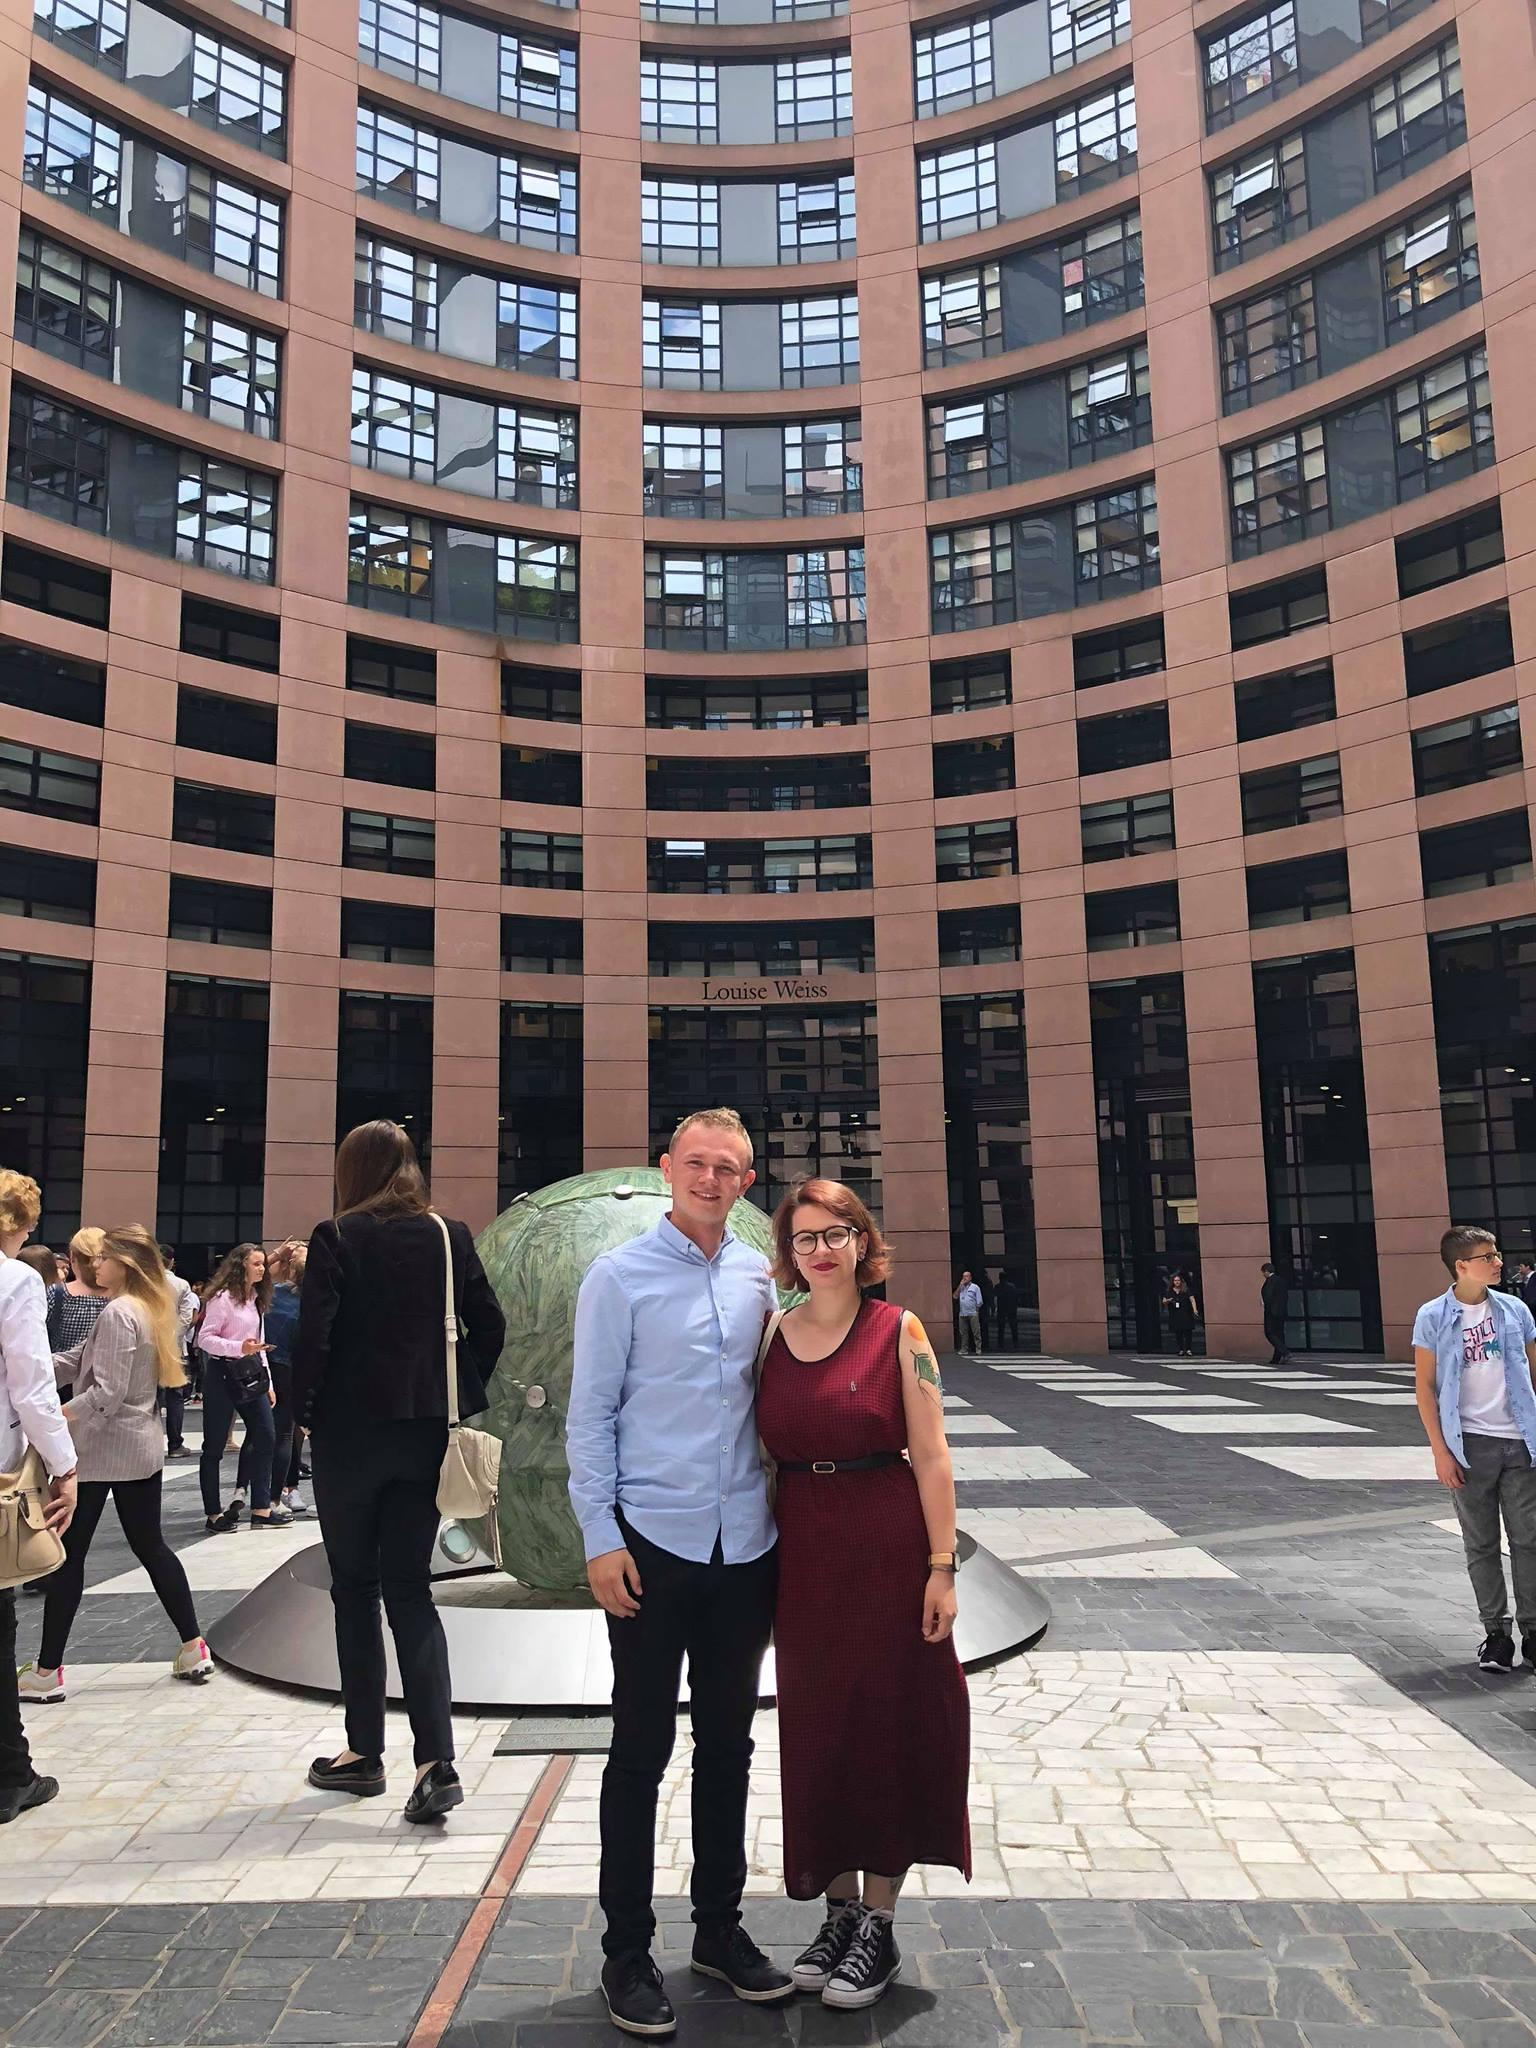 Pozdrowienia ze Strasburga i Parlamentu Europejskiego